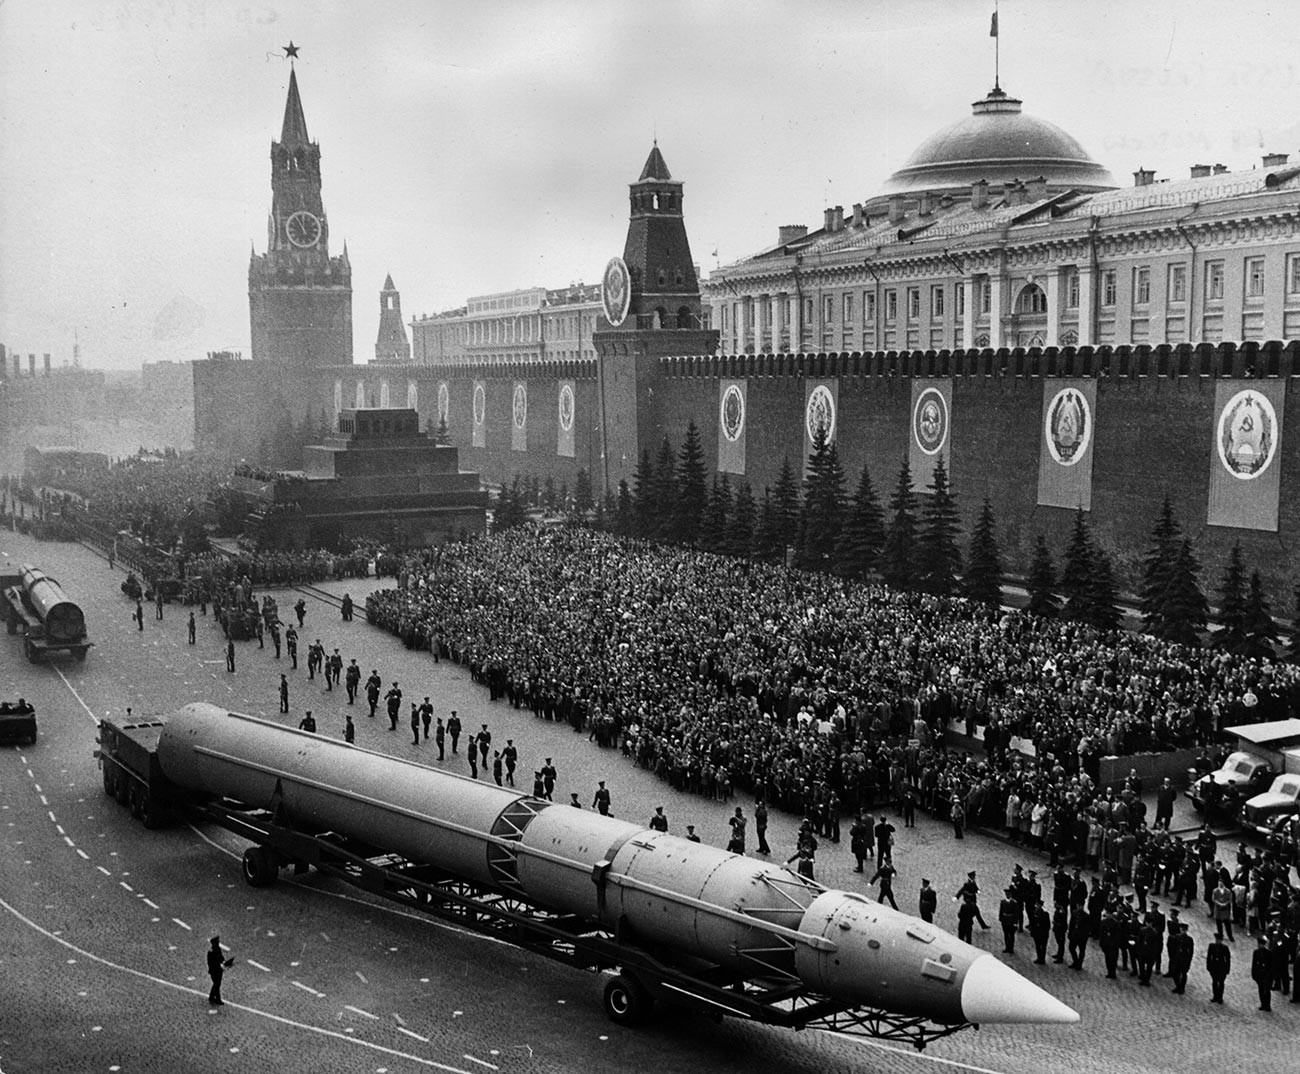 Un misil intercontinental ruso cruzando la Plaza Roja durante el desfile militar en Moscú para conmemorar el 20º aniversario del fin de la guerra en Europa.